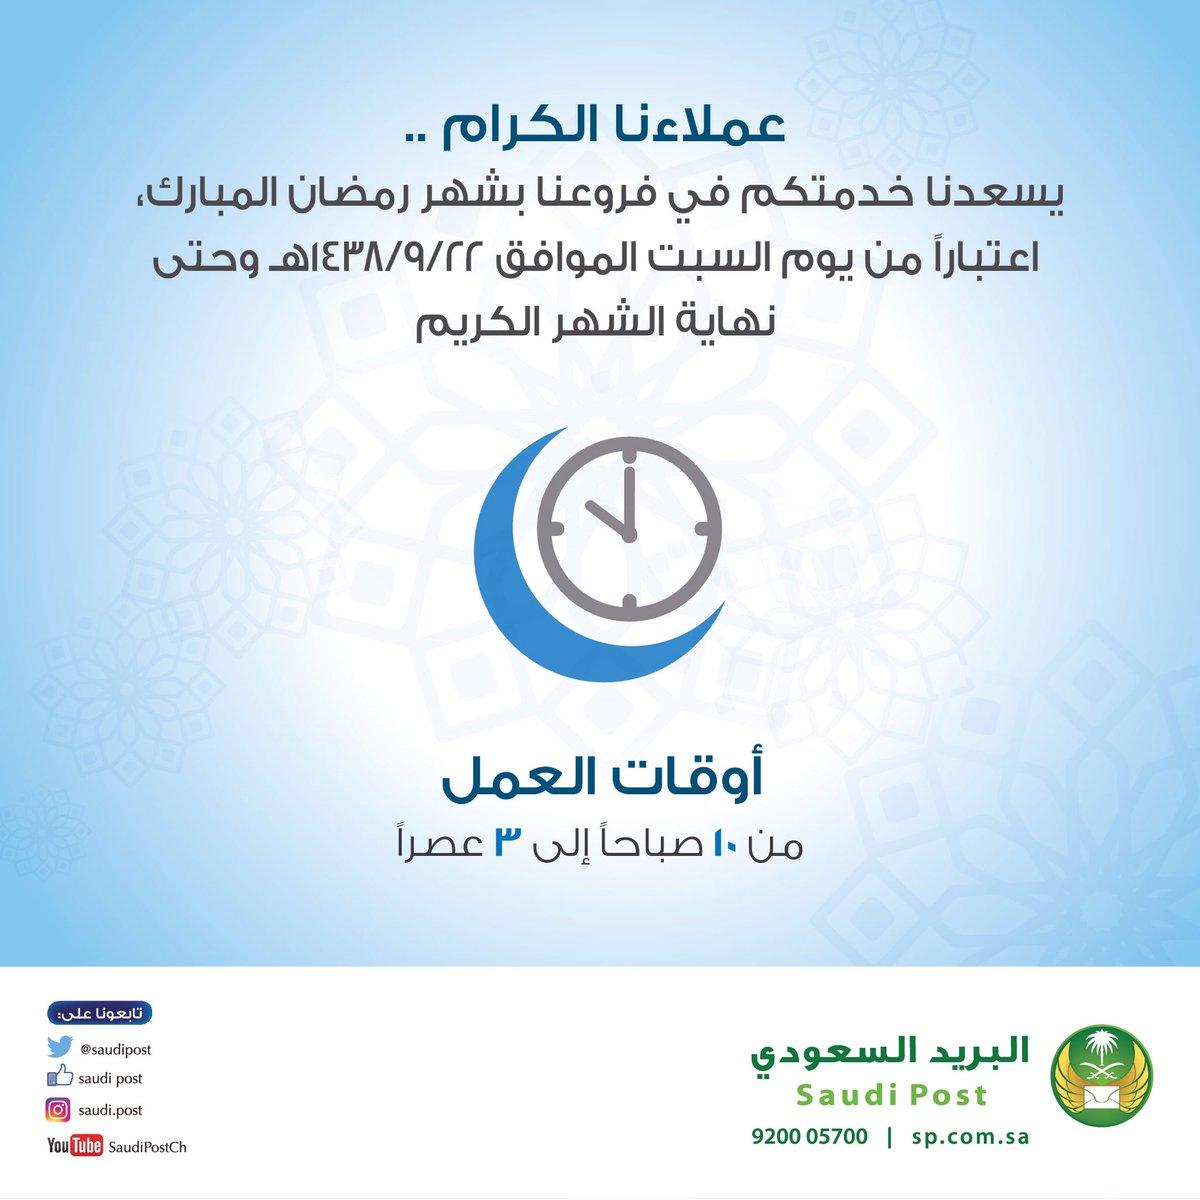 البريد السعودي On Twitter عملائنا الكرام يسعدنا خدمتكم في فروعنا بشهر رمضان حتى تاريخ ٢٩رمضان١٤٣٨ ولمزيد من المعلومات عن الفروع زيارة الرابط Https T Co Sw3egmxlbb Https T Co Wj9hcmaxxe